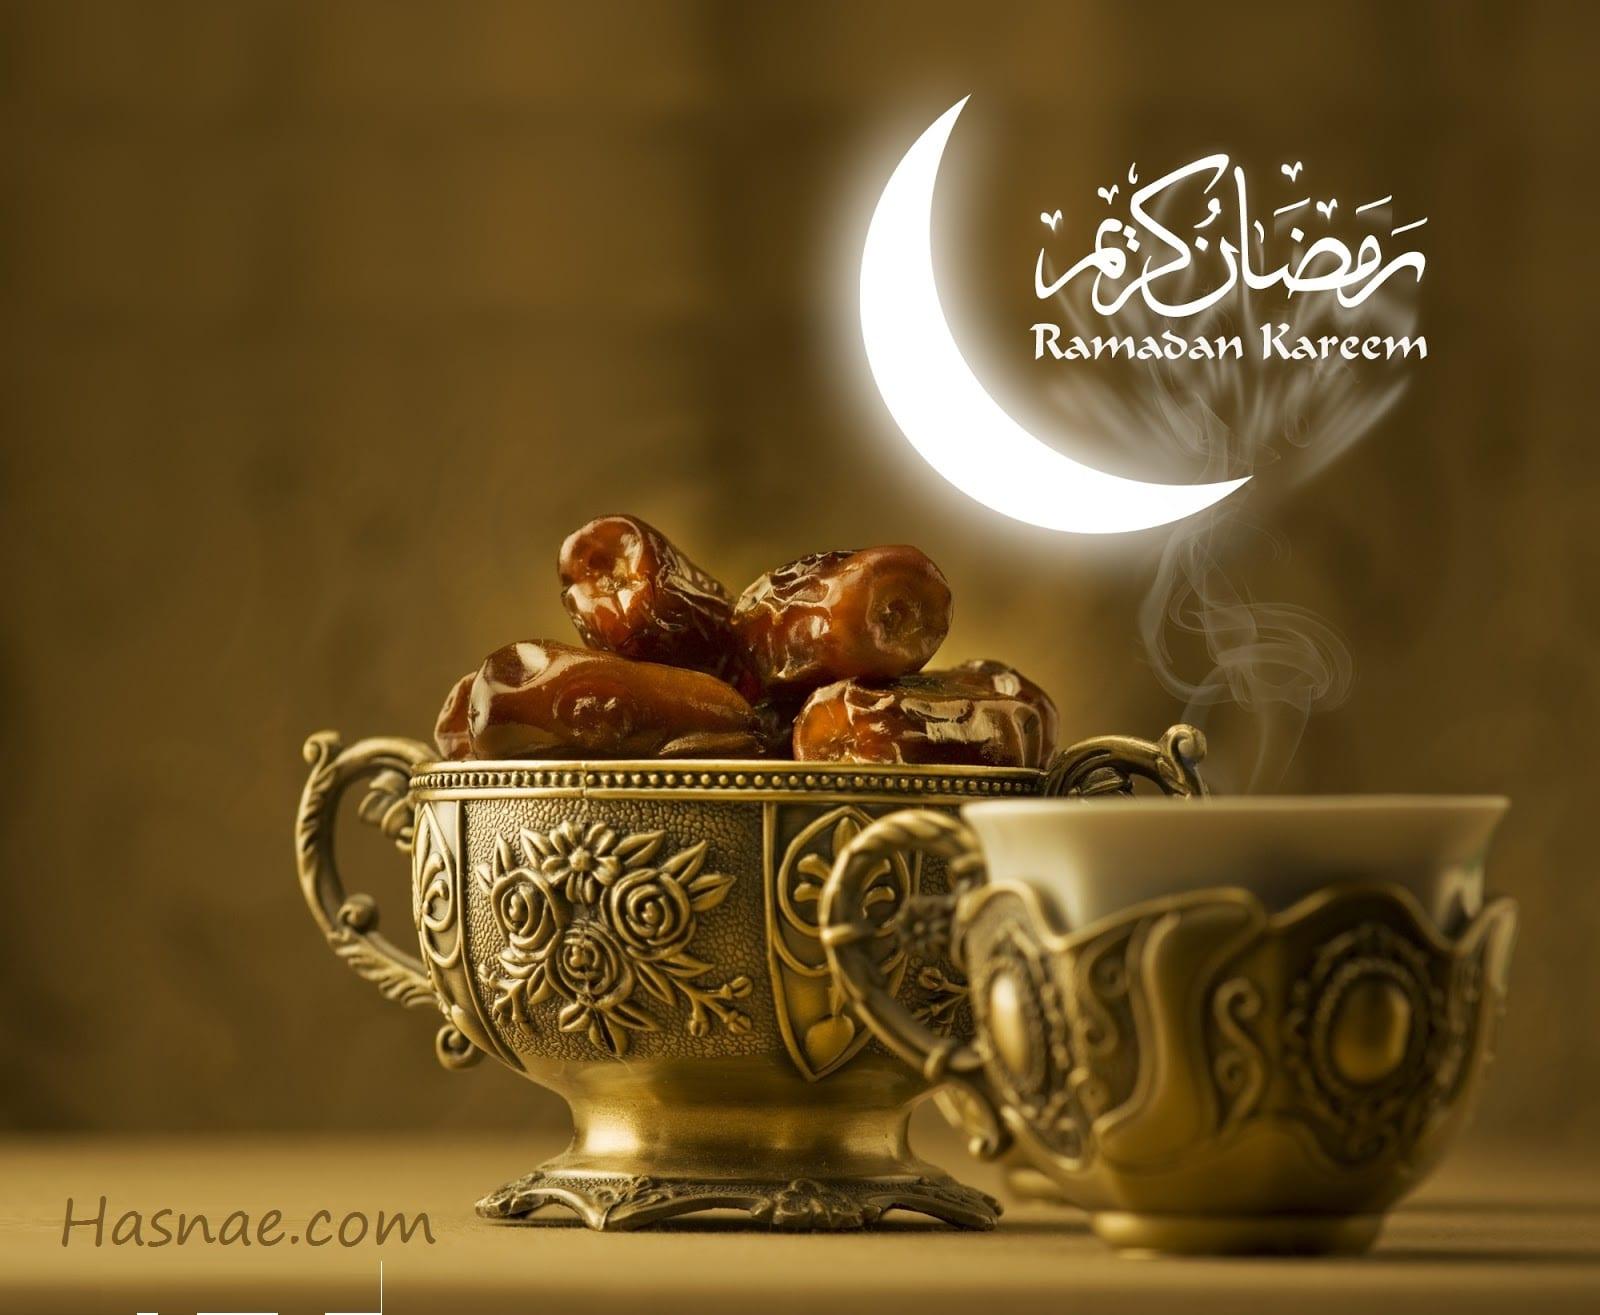 اللهم بلغنا رمضان لا فاقدين و لا مفقودين و قدرنا يا رب على صيامه و قيامه امين - 2